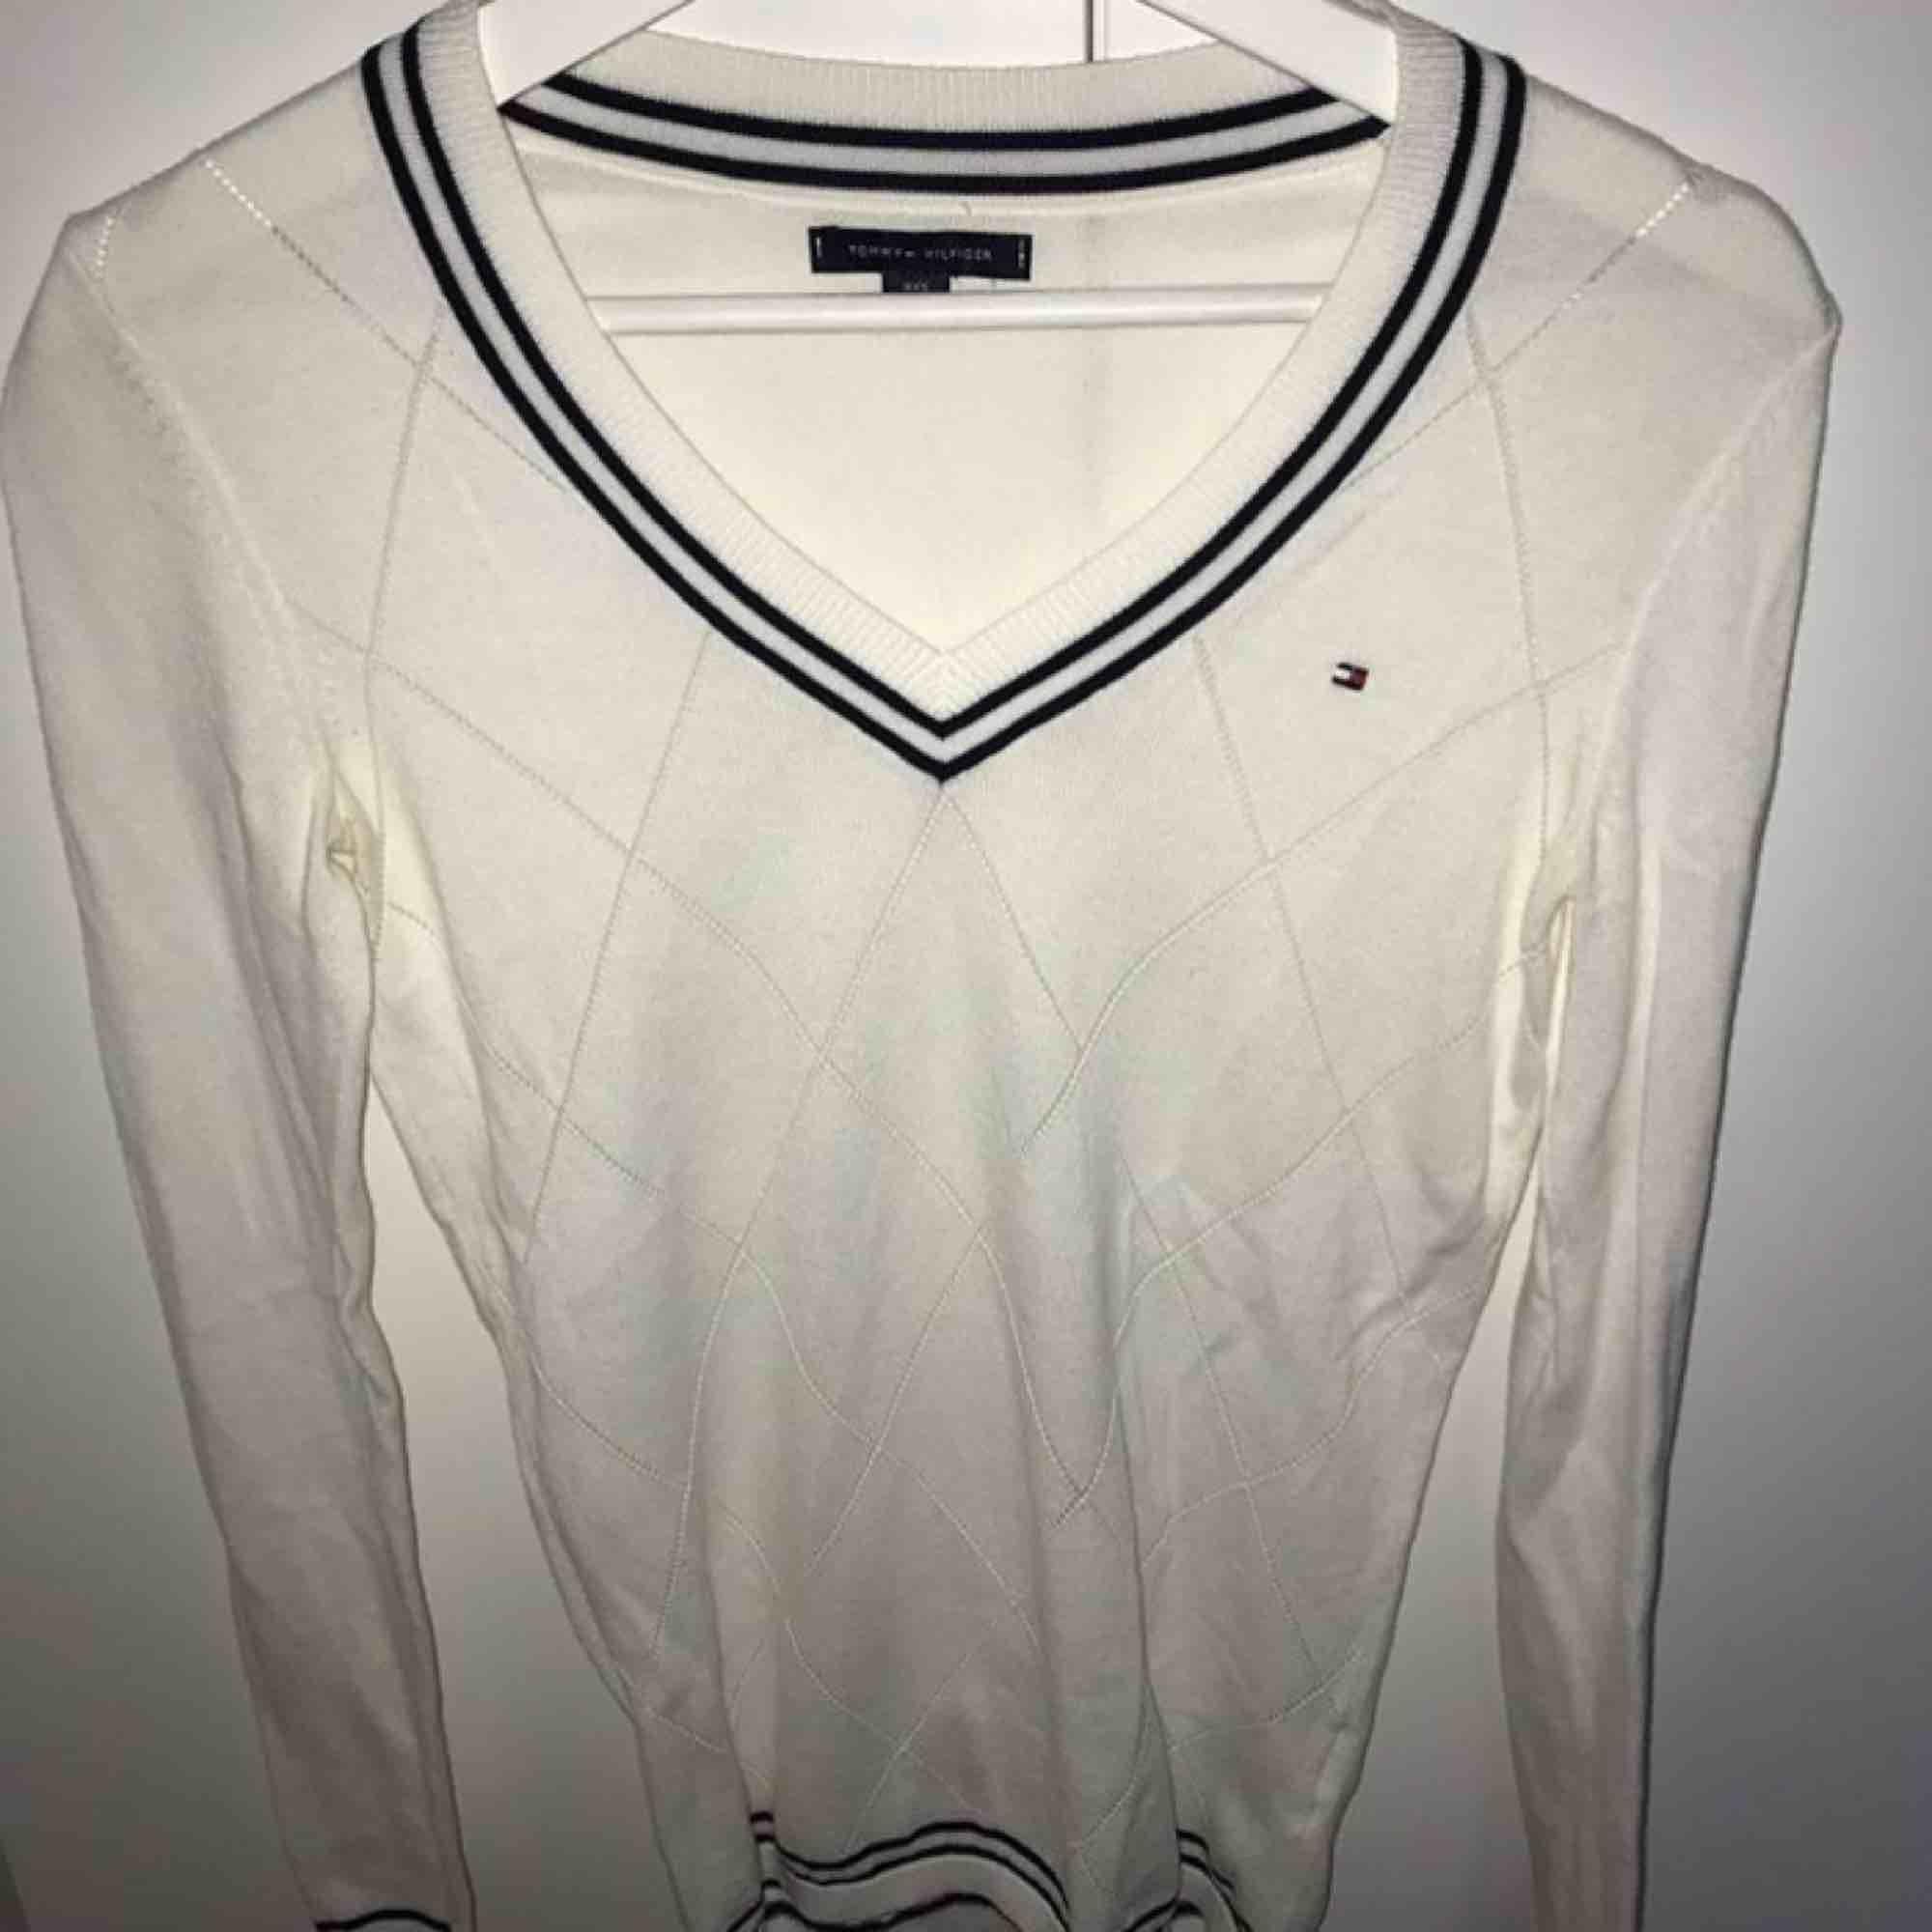 En jättefin v-ringad långärmad tröja från Tommy hillfiger. Den är i storlek xxs men passar mig som är xs/s. Frakt är inte inkluderat i priset. . Tröjor & Koftor.